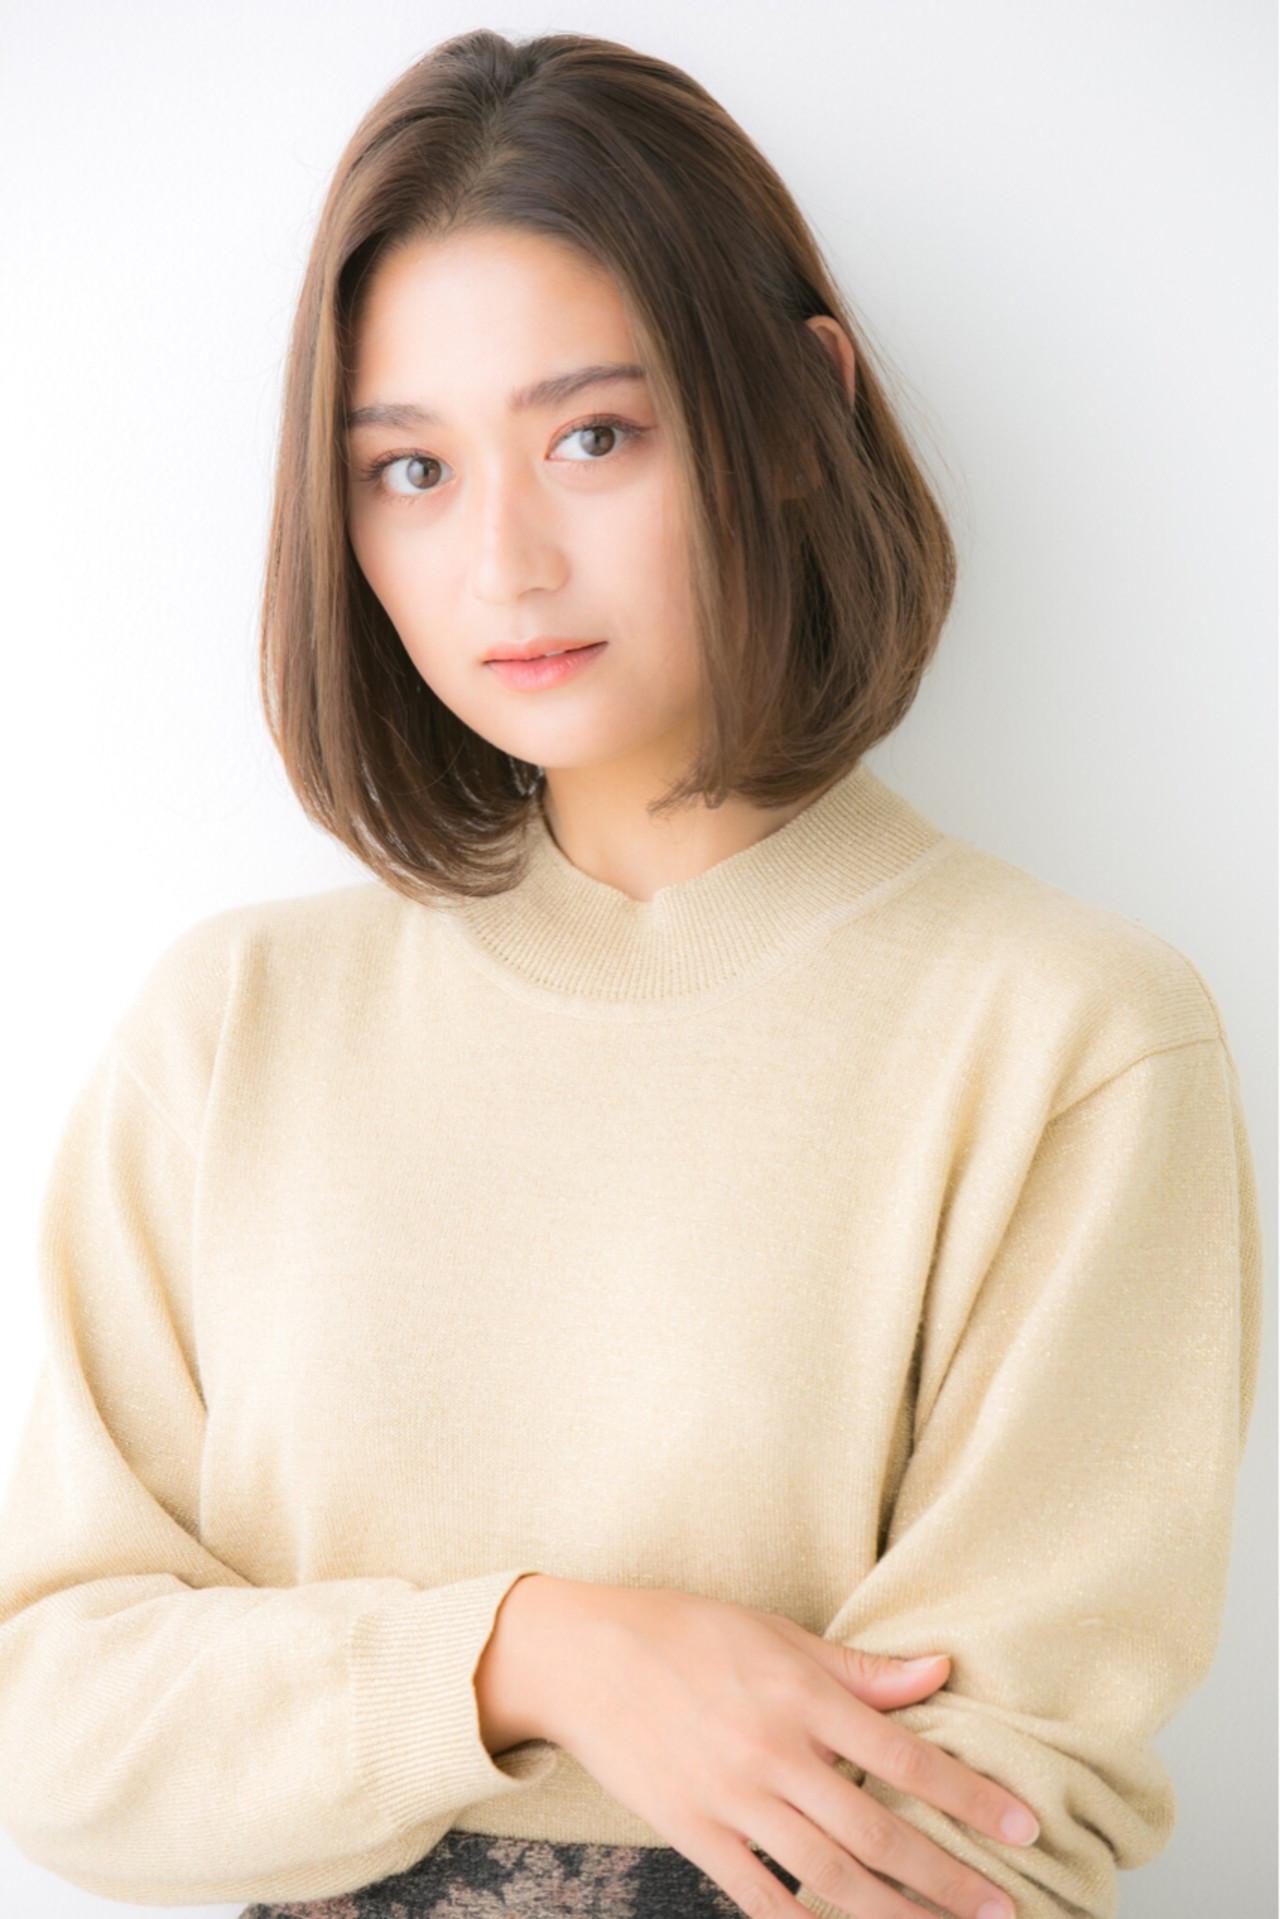 女子力 ナチュラル 小顔 イルミナカラー ヘアスタイルや髪型の写真・画像 | Euphoria GINZA 畑 俊太朗 / Euphoria Ginza